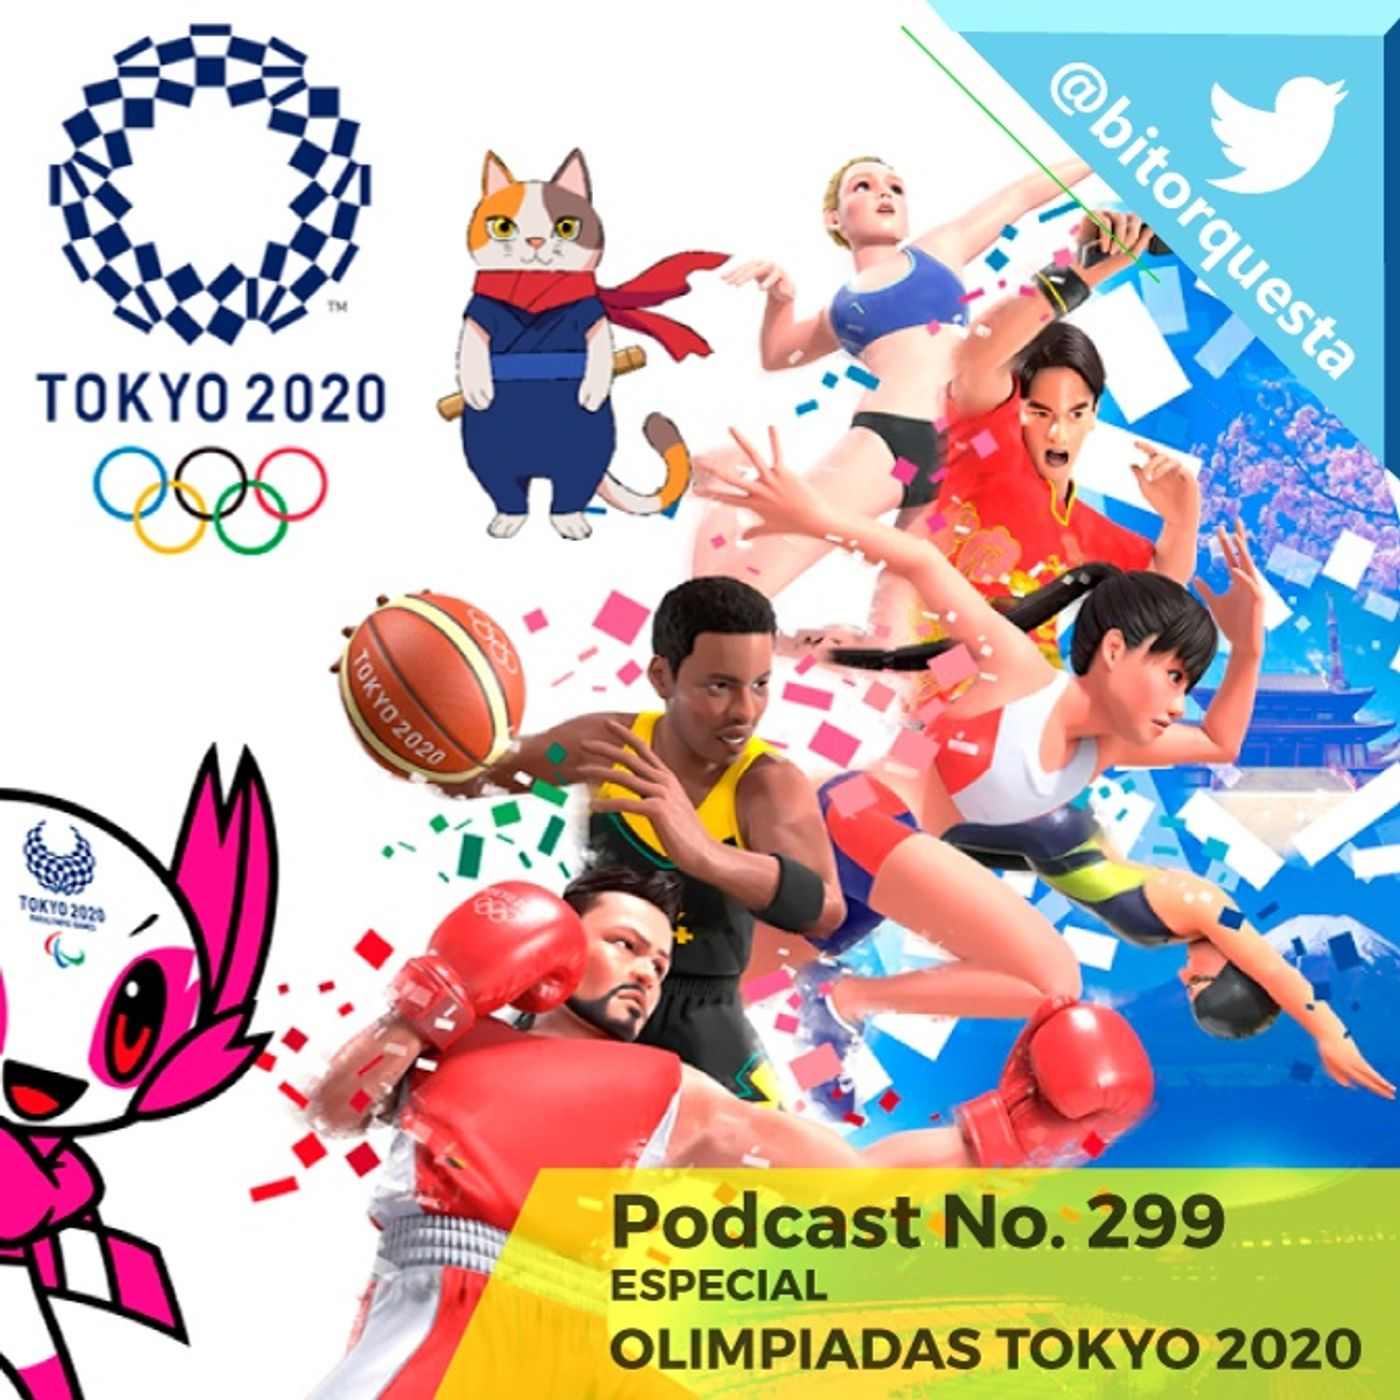 299 - Especial Olimpiadas TOKYO 2020+1